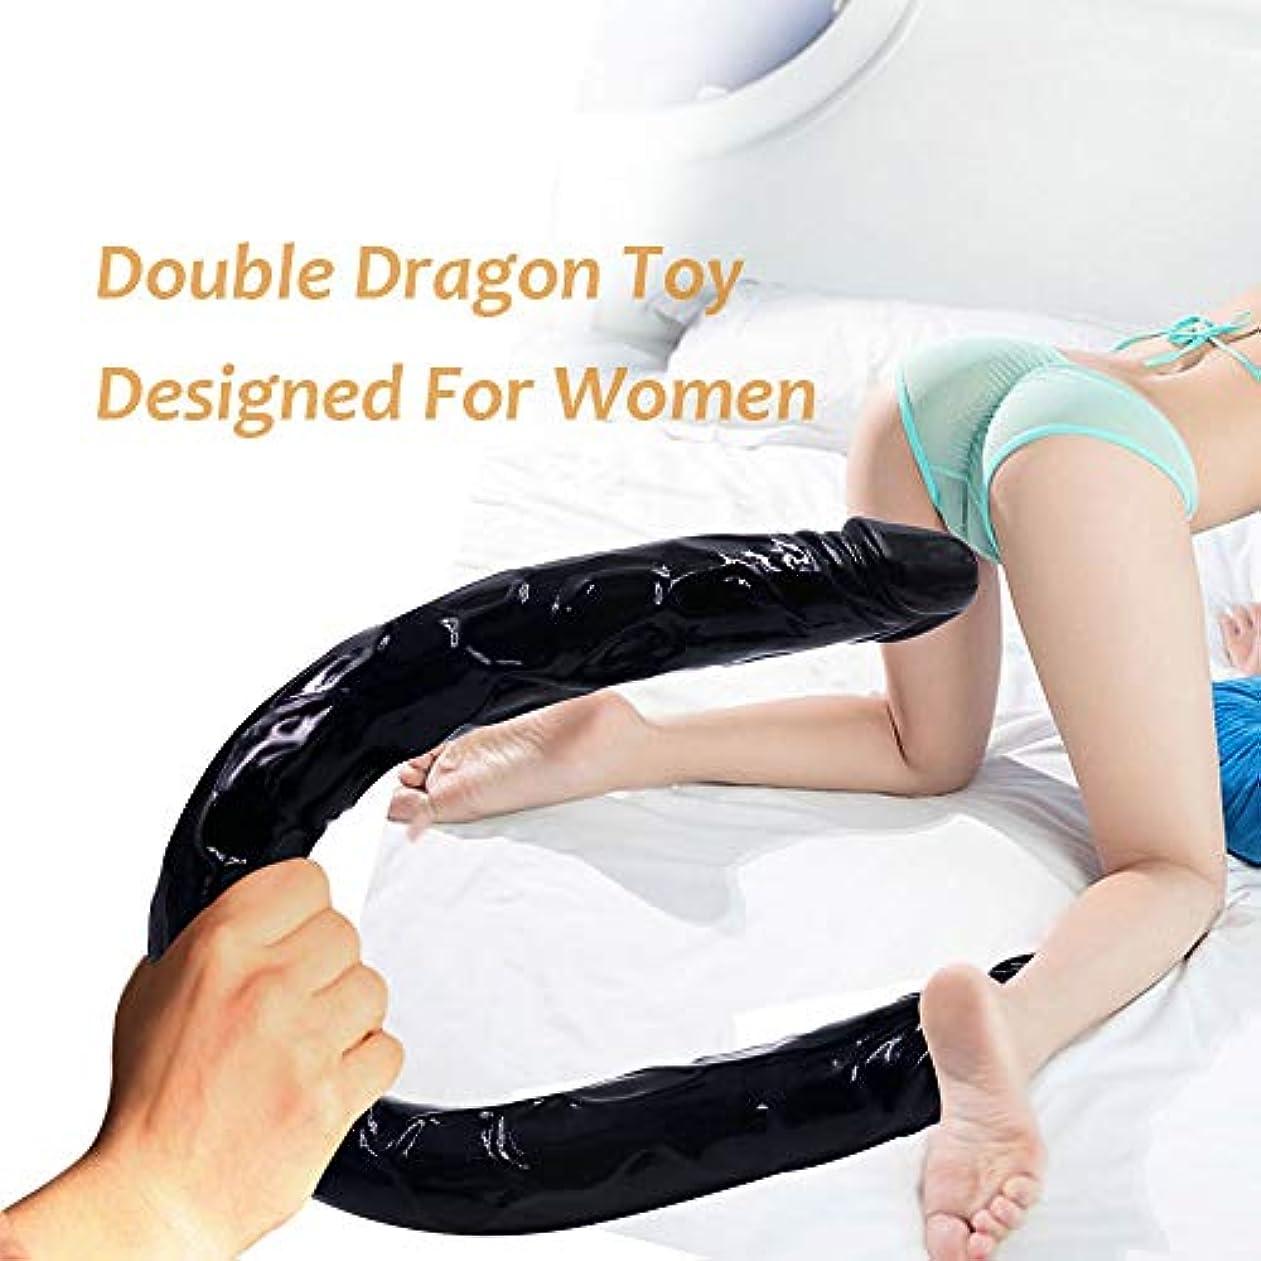 パッチ中国バックペニス 55cm両面ビッグトイソフトフレックス可能なダブルヘッド-マッサージ マッサージャー